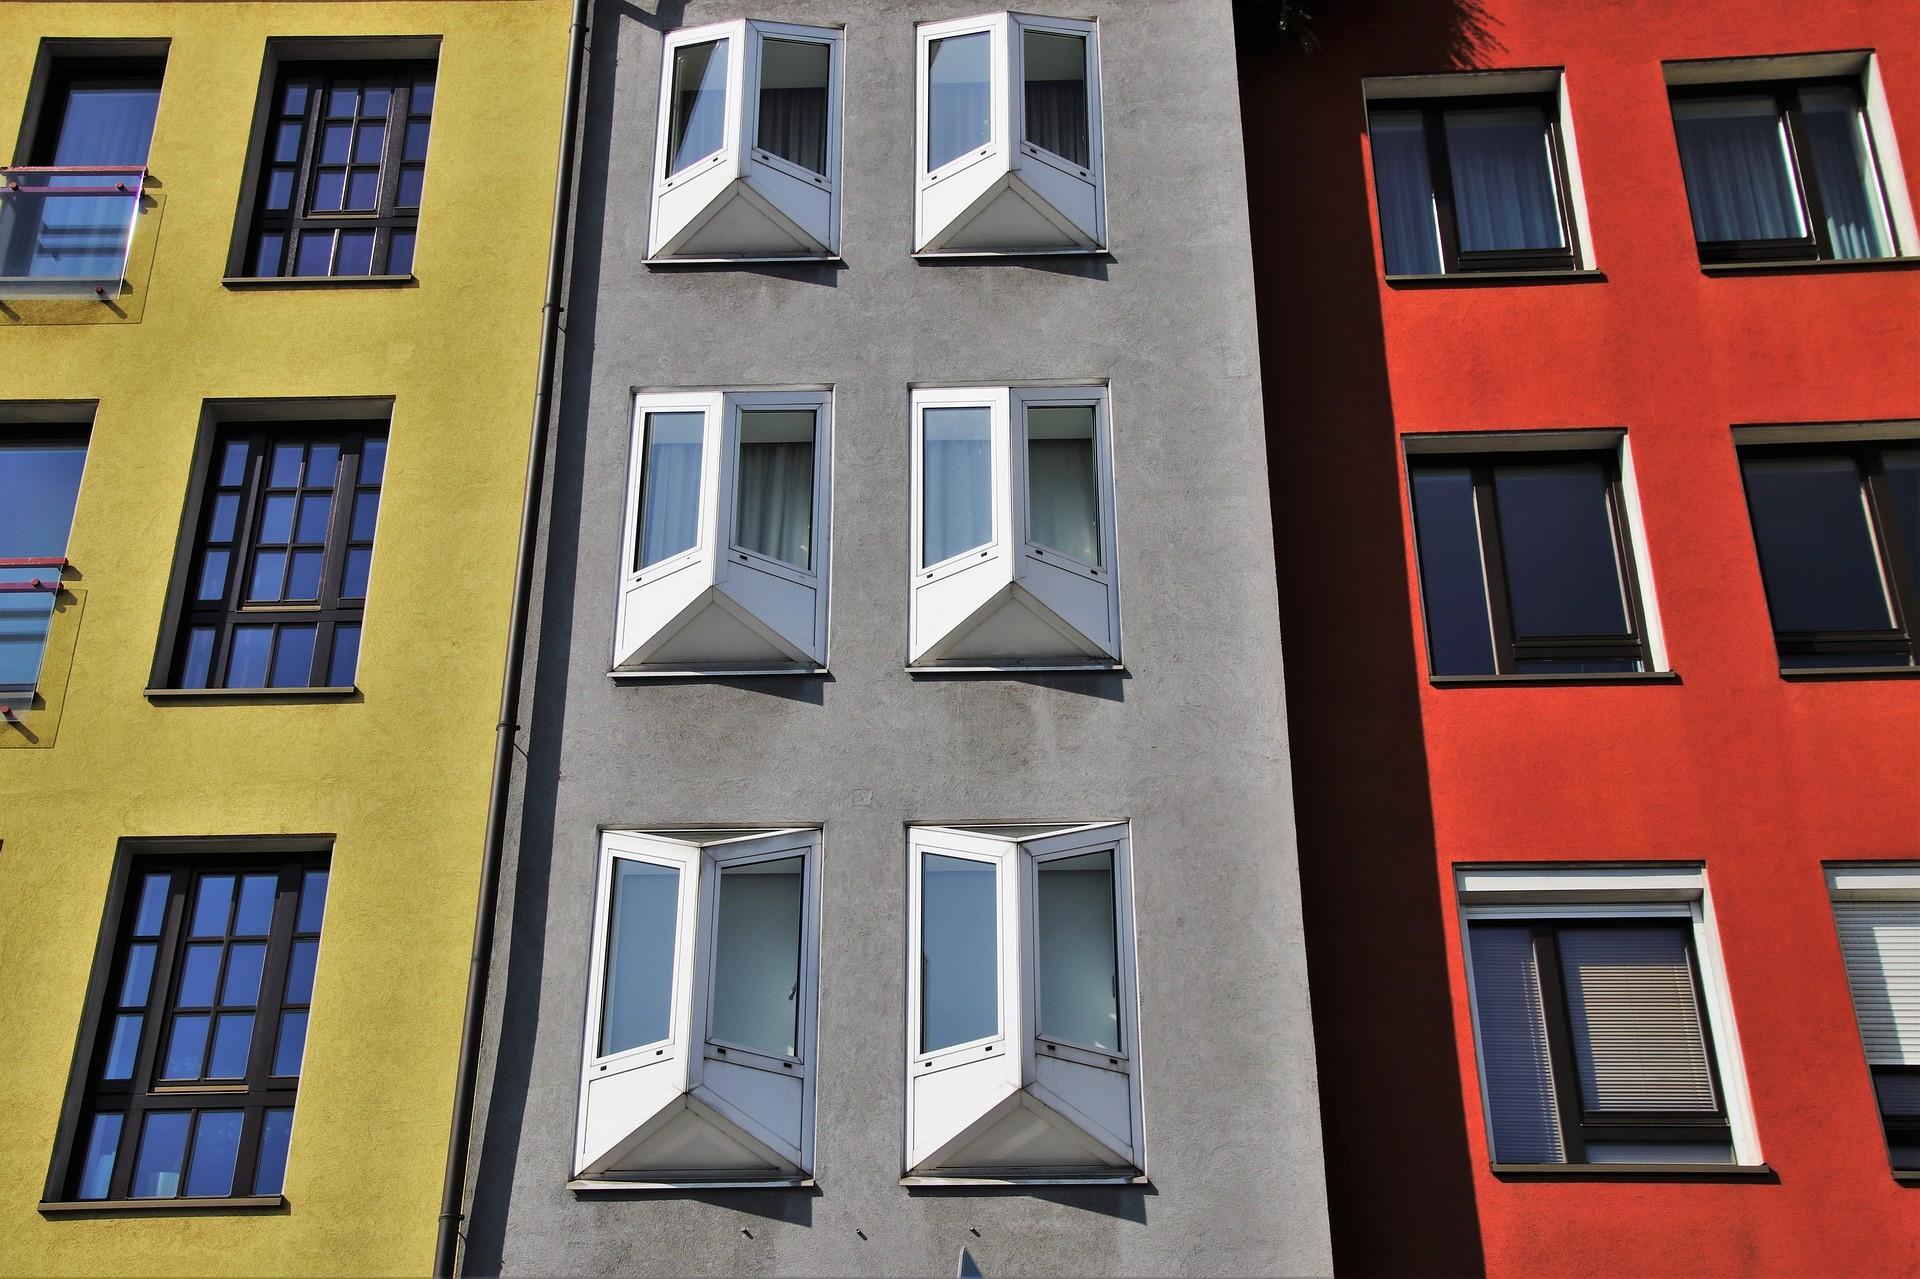 WEG-Verwaltung nach dem Wohnungseigentumsgesetz, Mietverwaltung